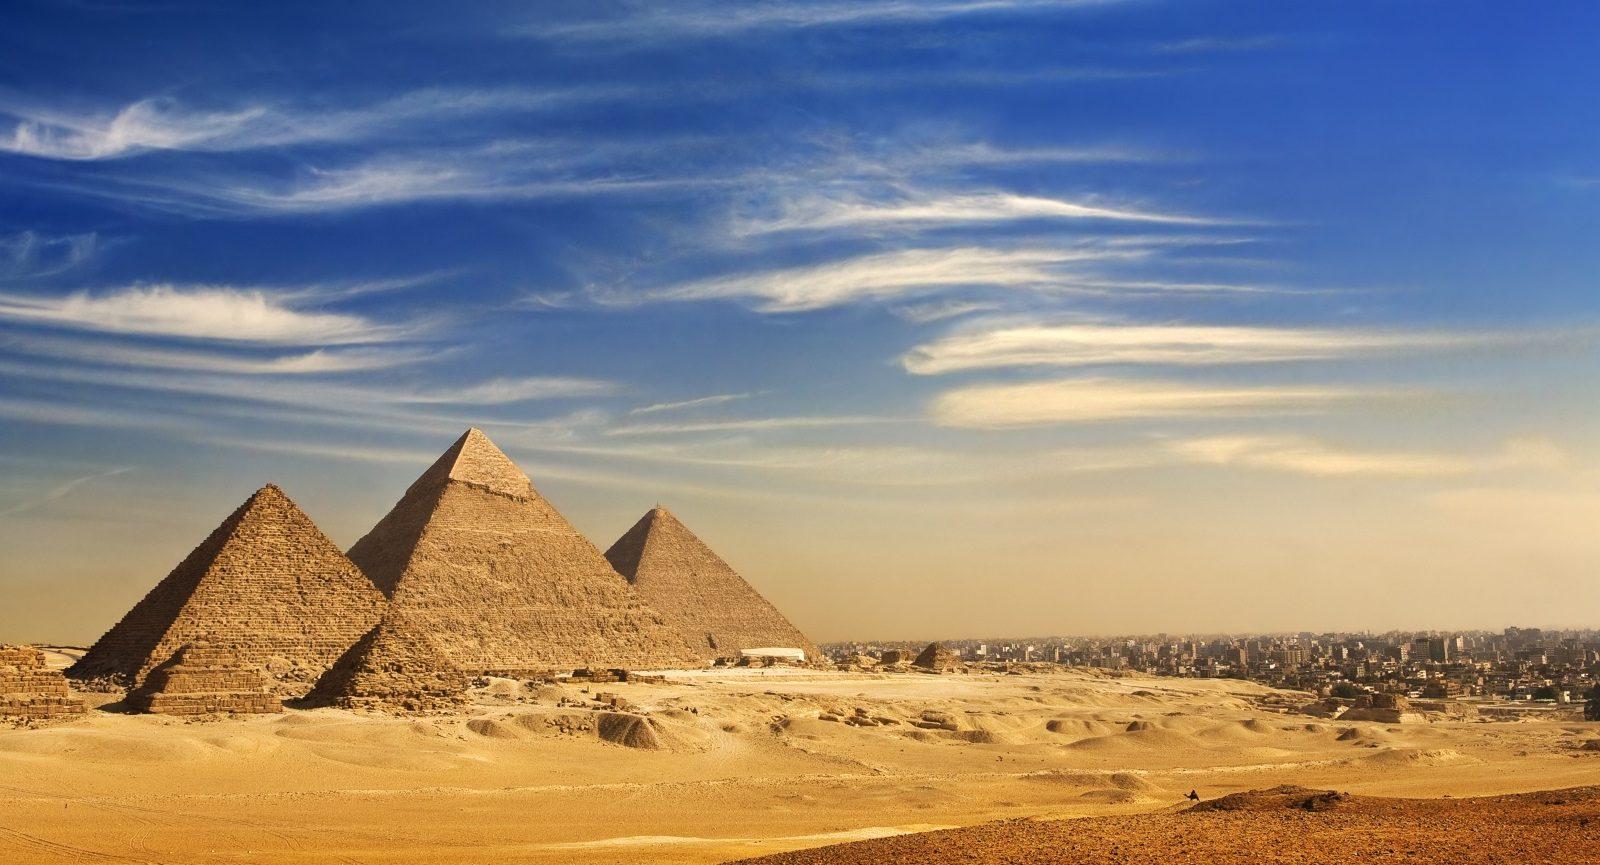 Image othe pyramids at giza